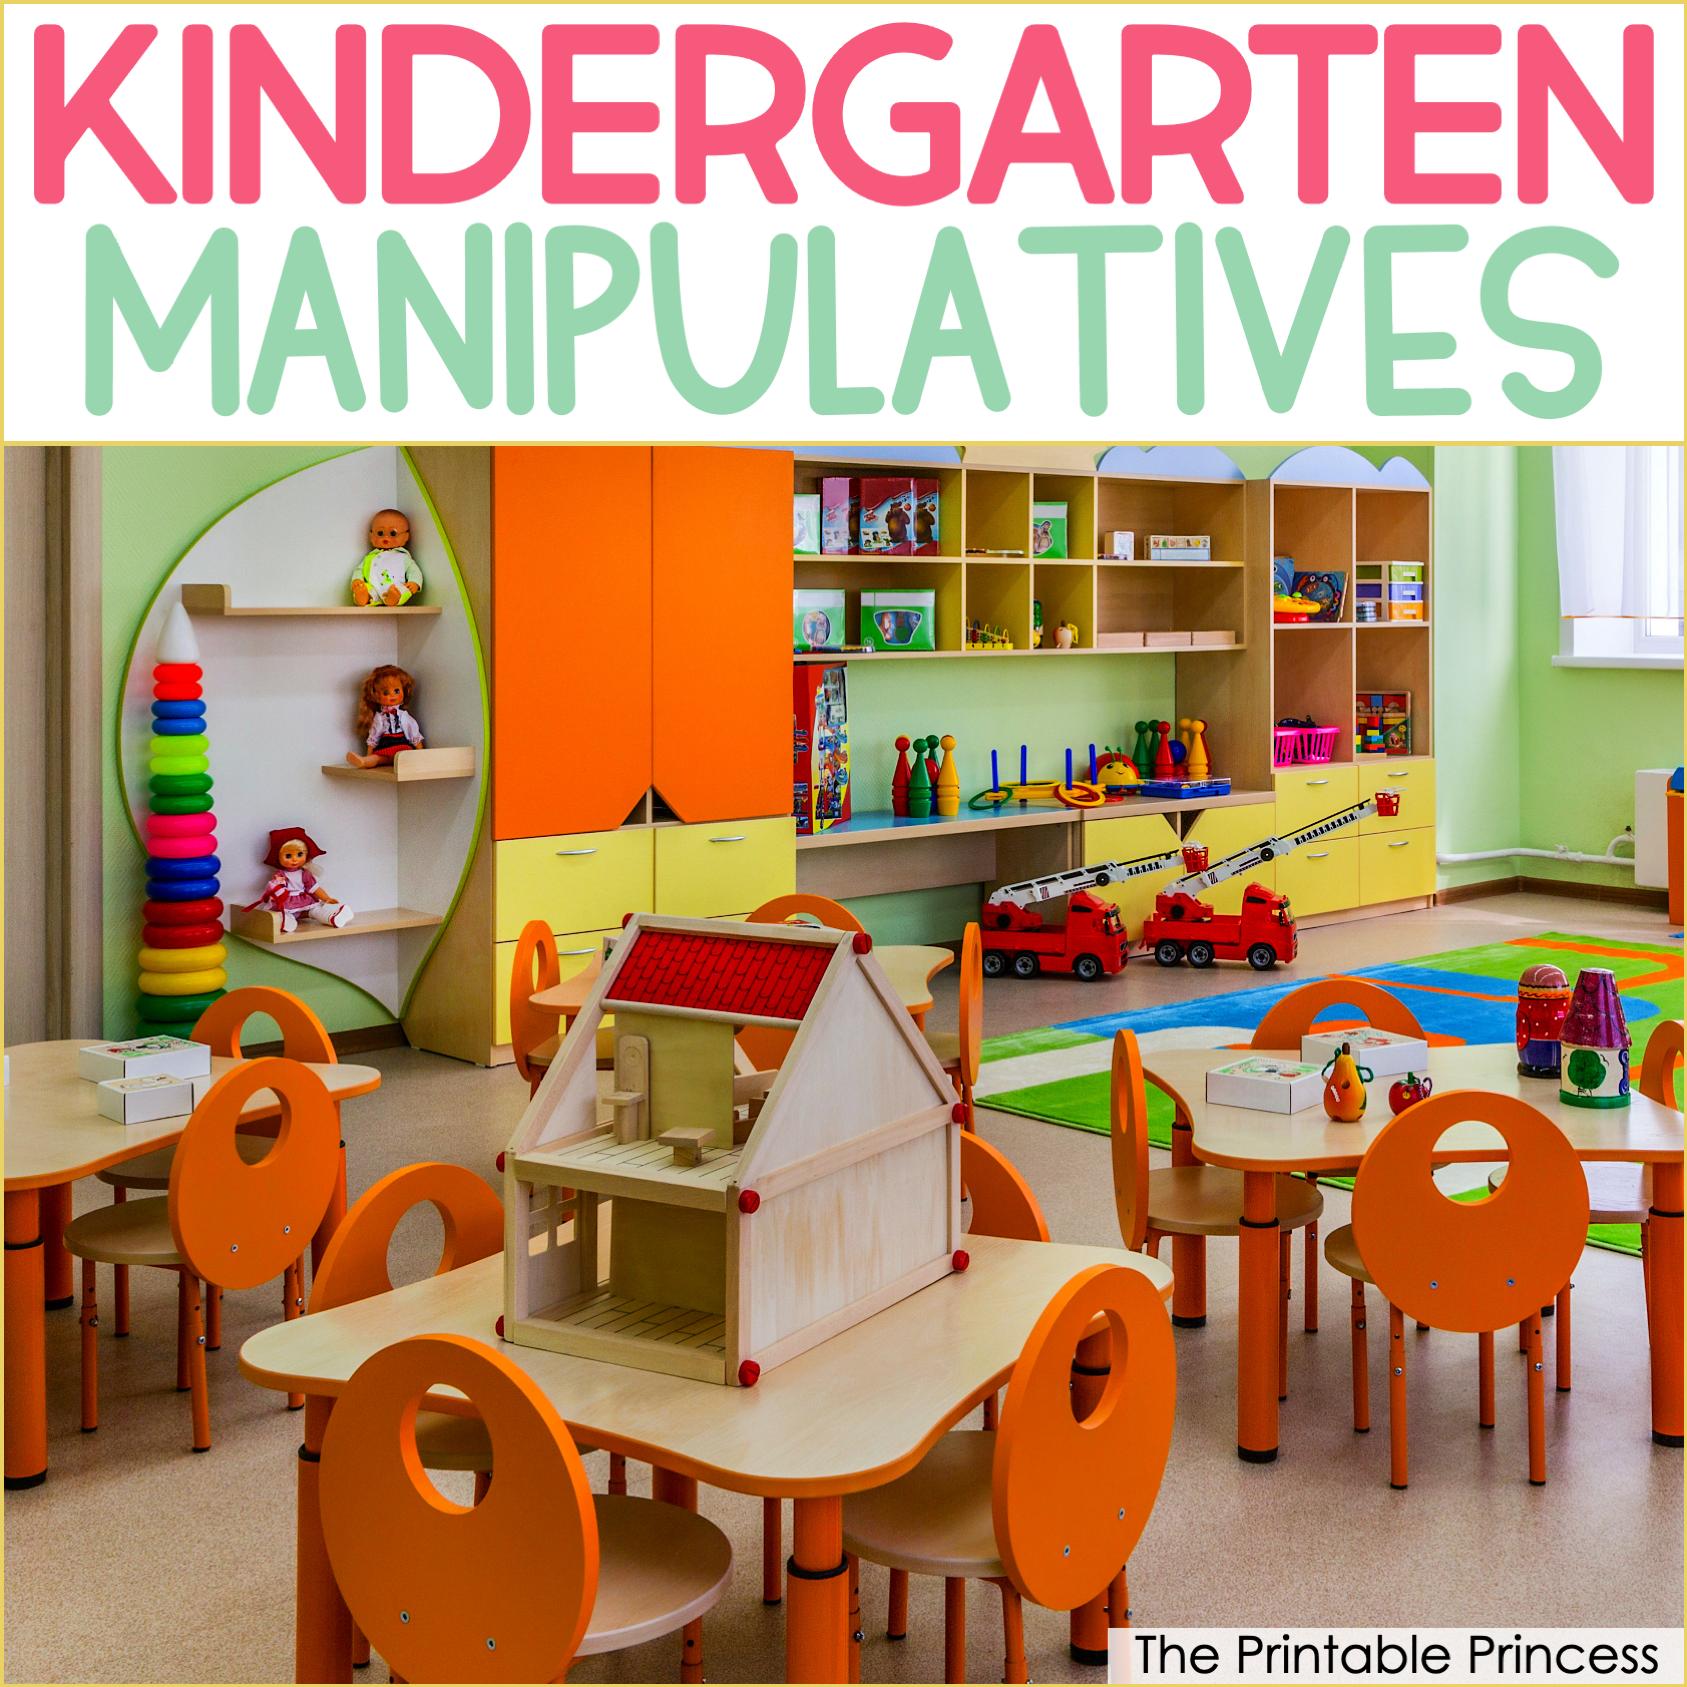 14 Must-Have Manipulatives for Kindergarten